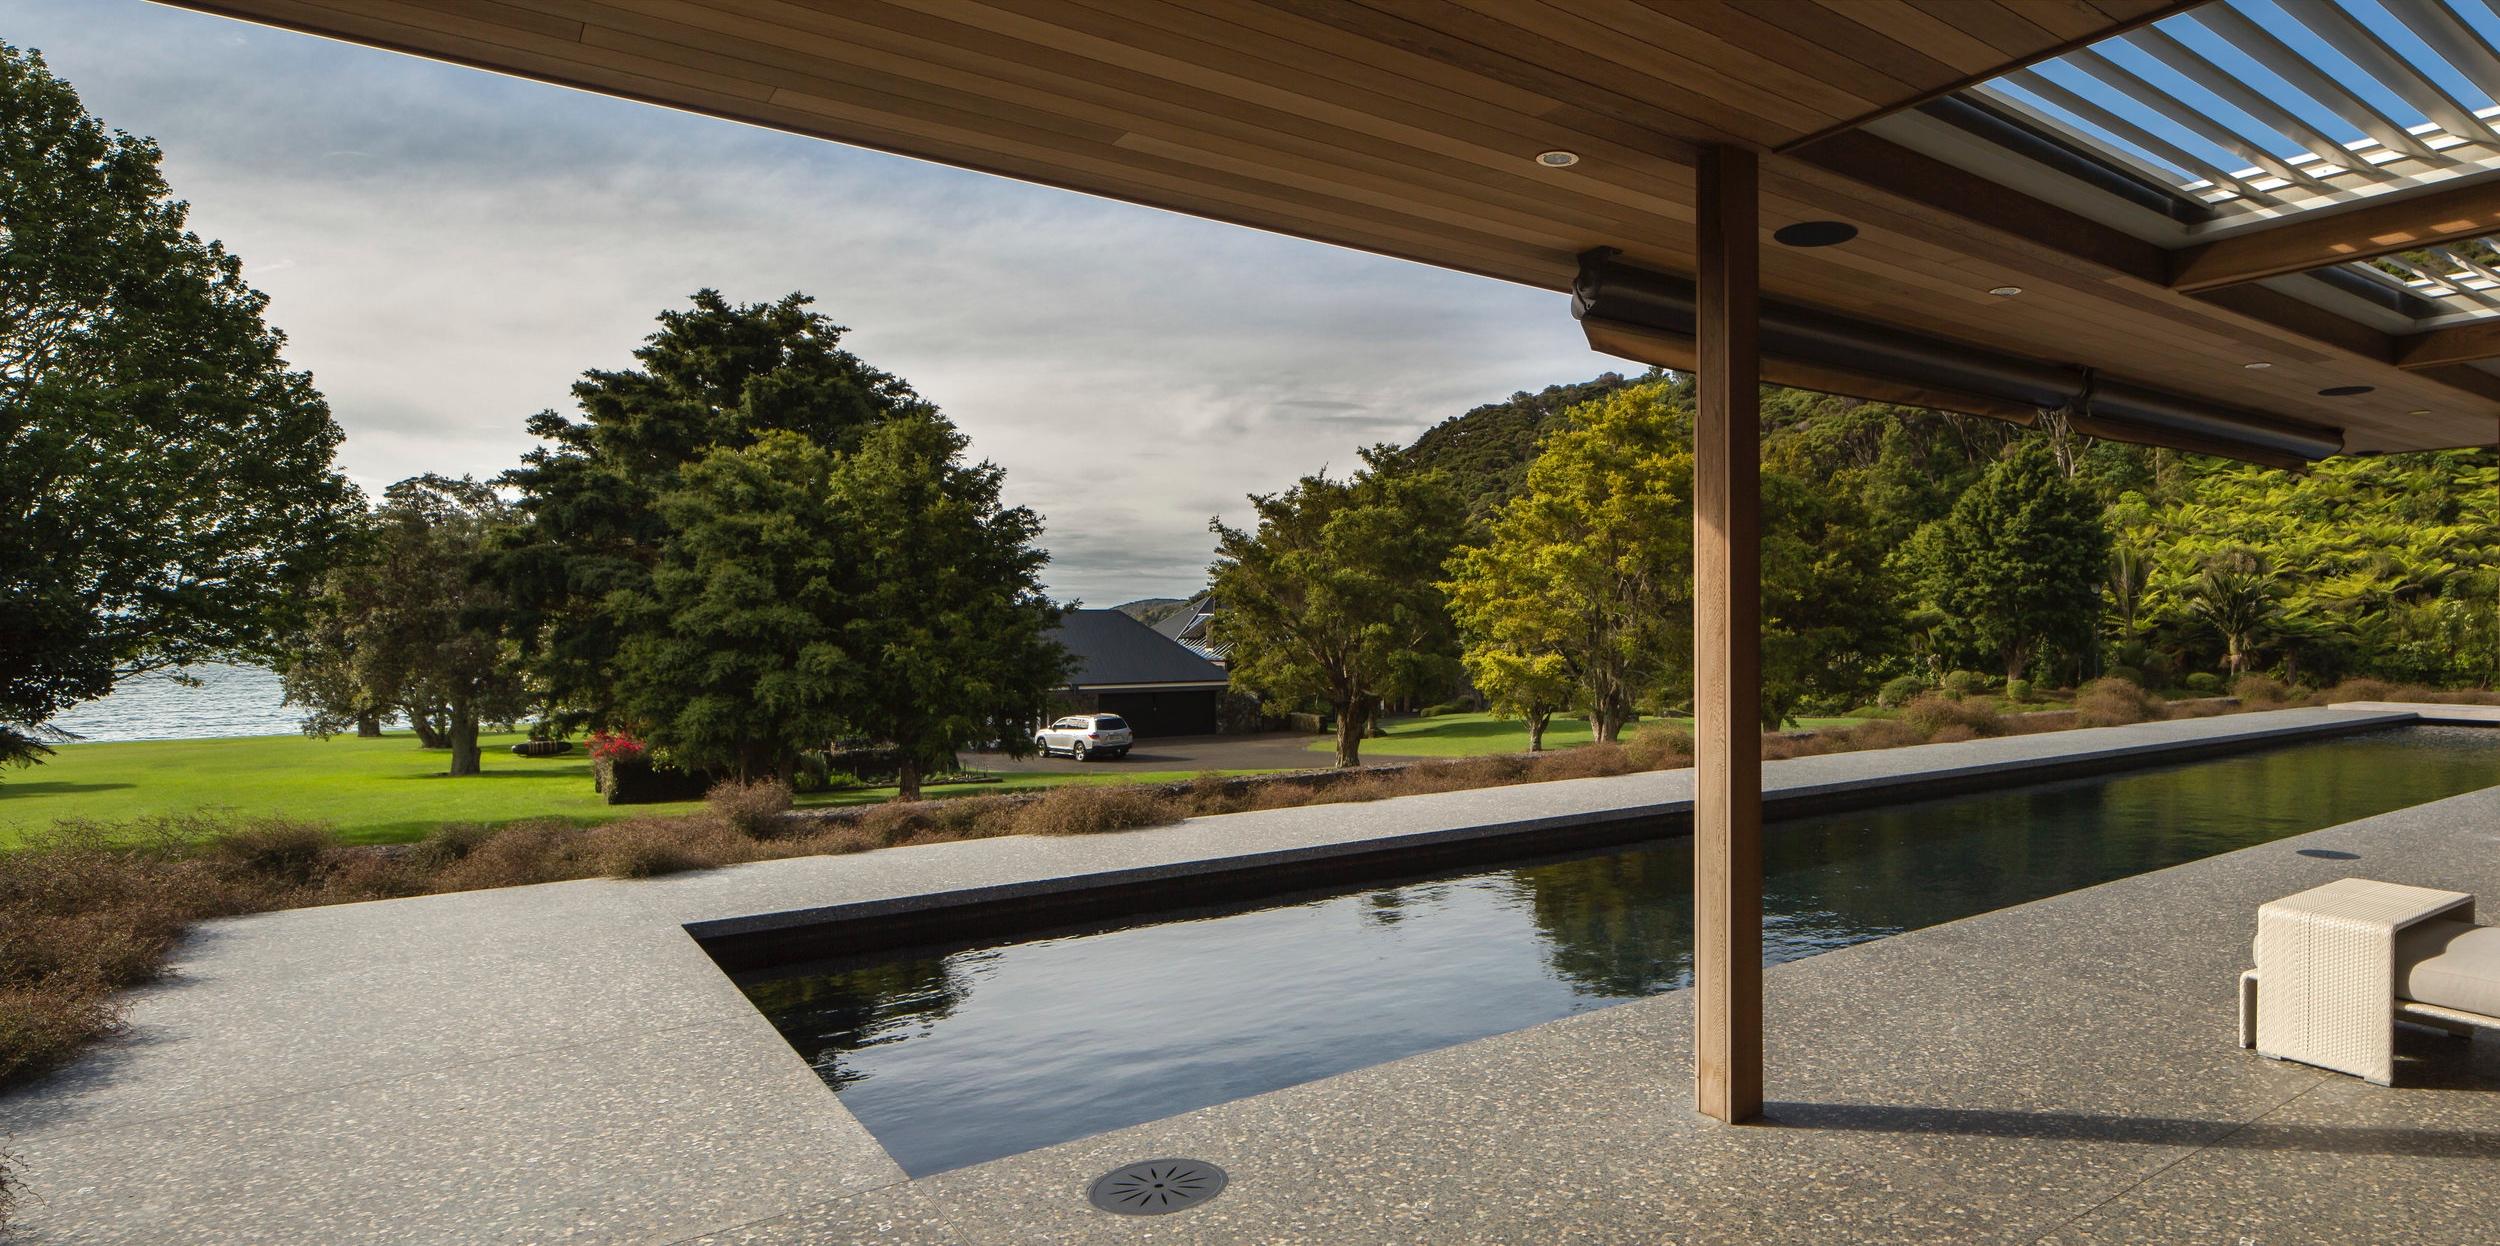 Pool+pavilion+5.jpg